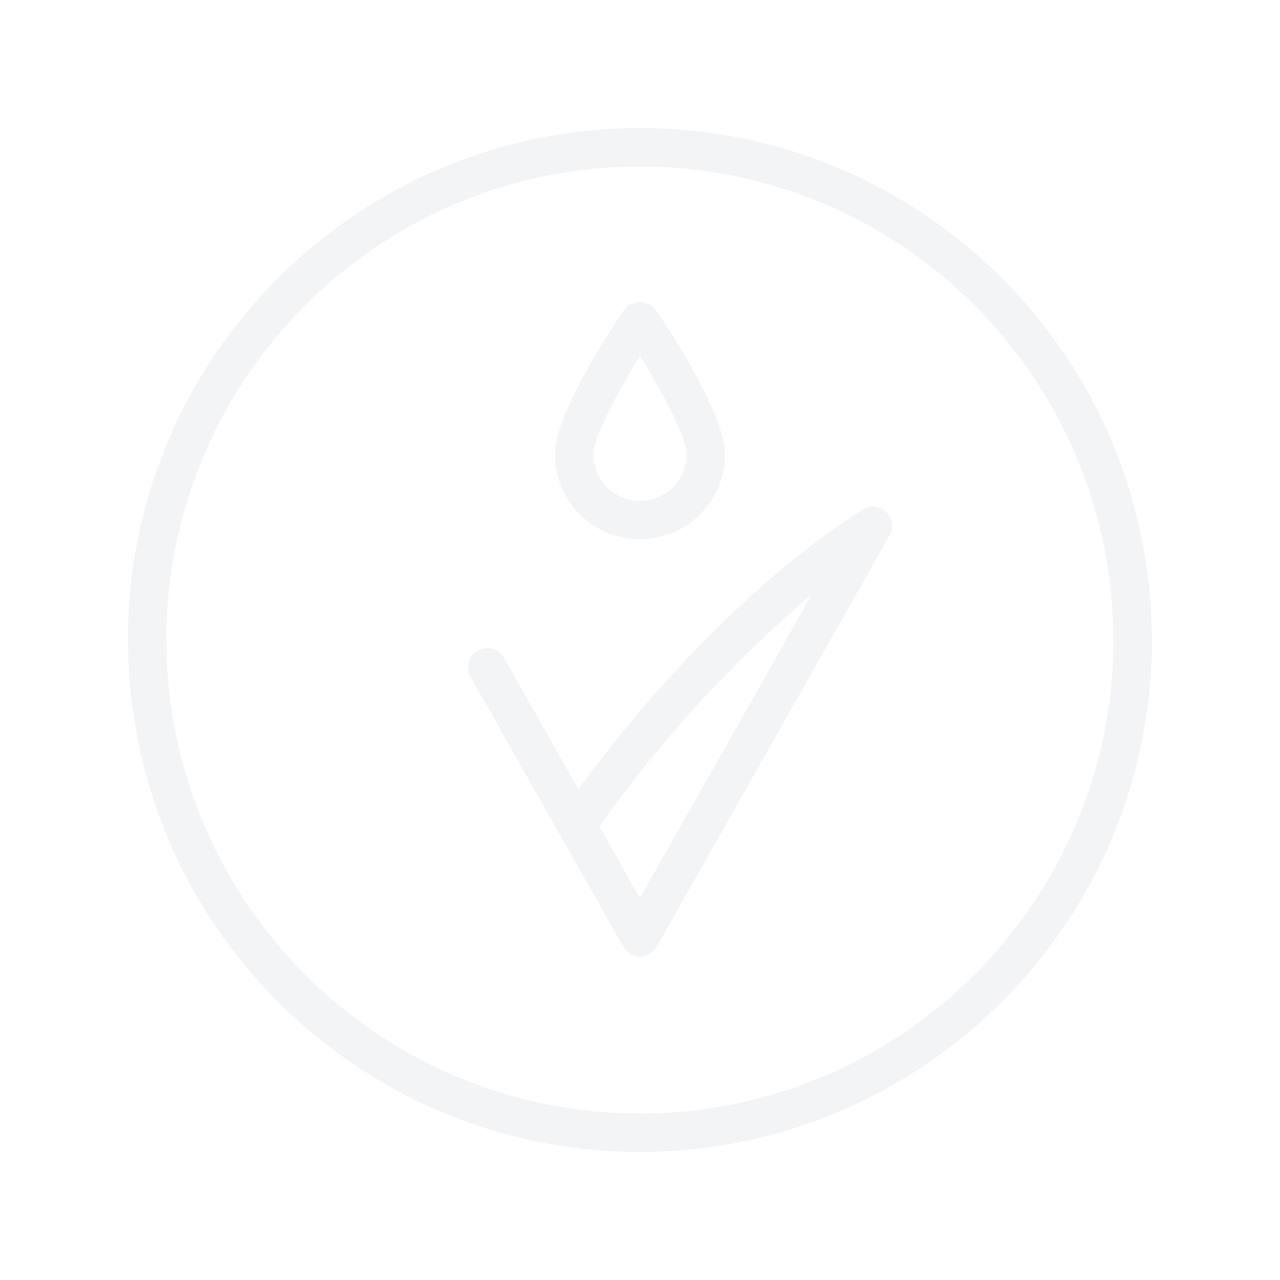 MAYBELLINE Super Stay Matte Ink Liquid Lipstick 5ml